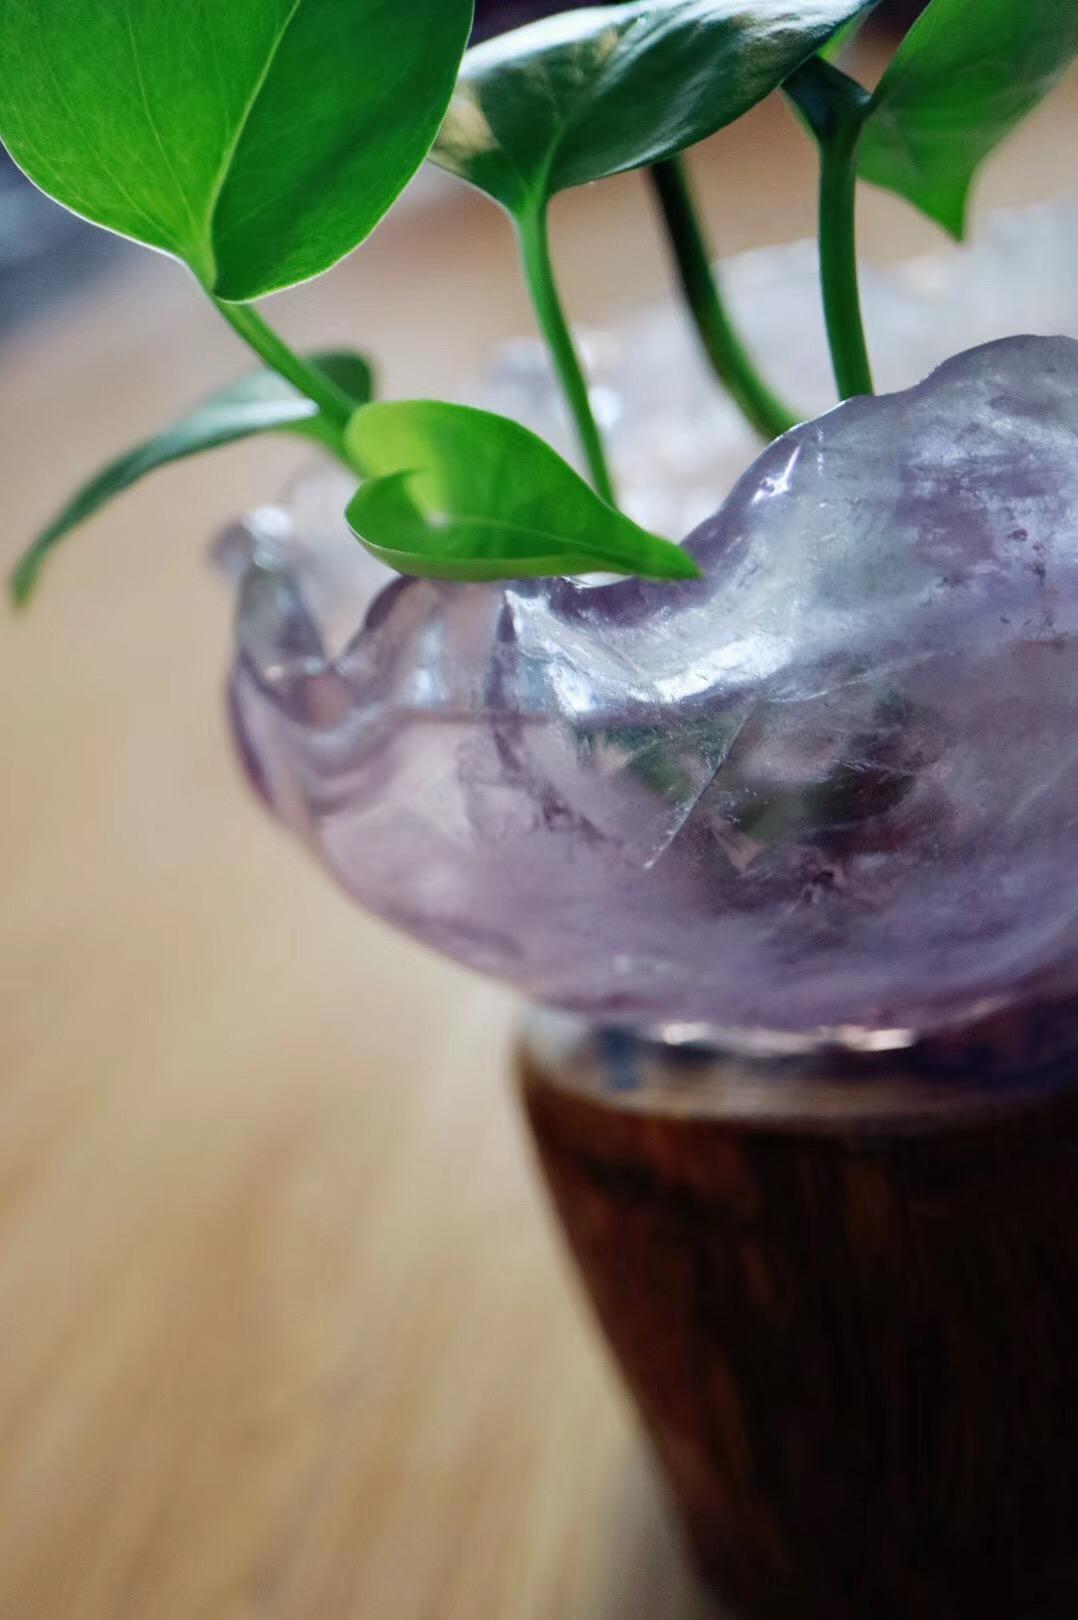 【紫水晶聚宝盆】紫晶乃聚气效果最好的晶石-菩心晶舍